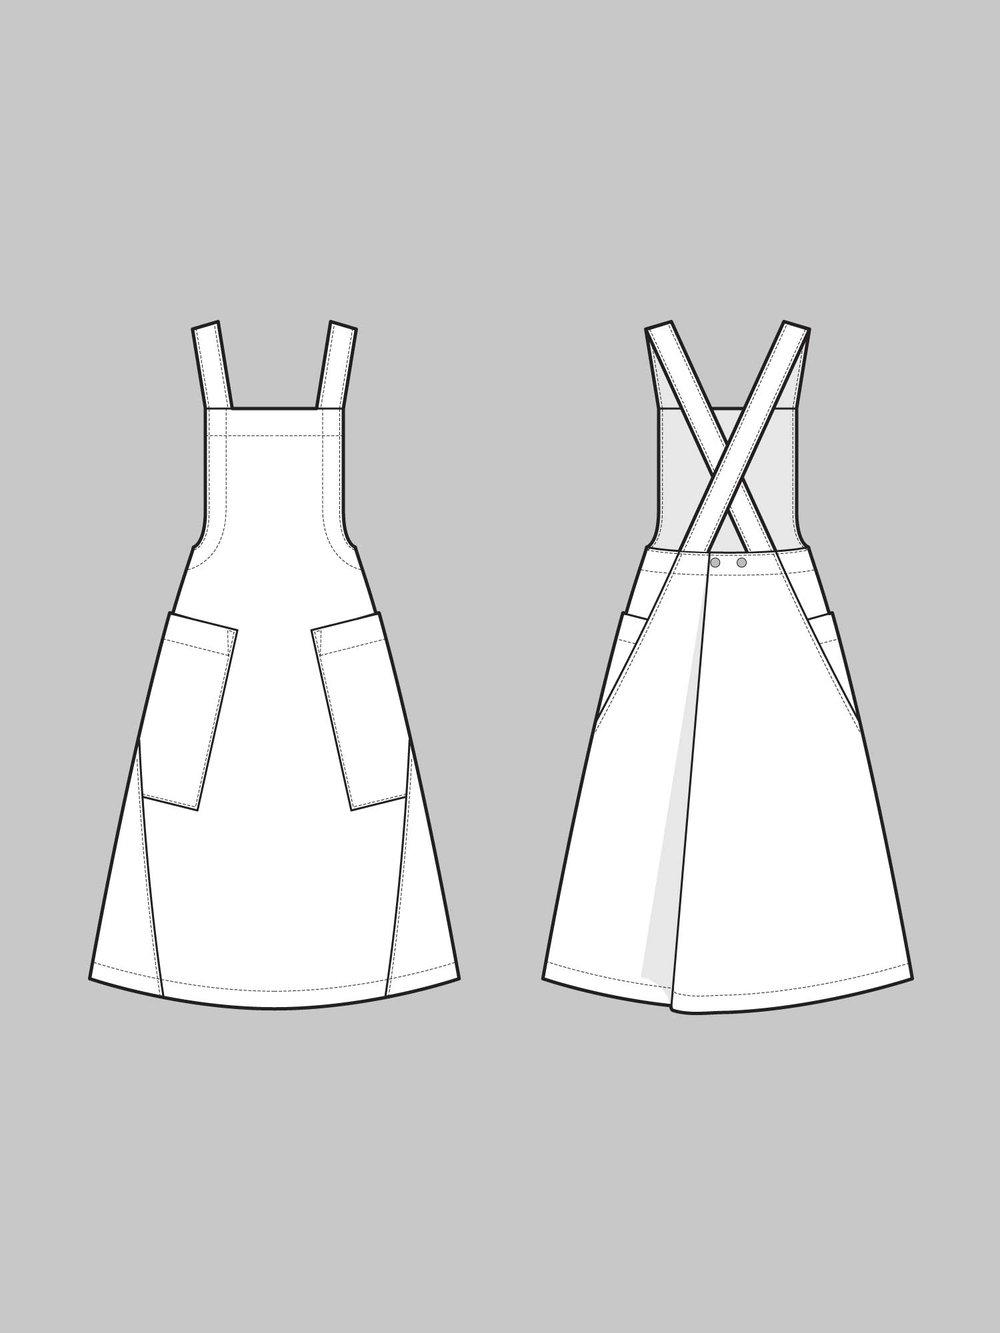 1000x1333 Apron Dress Pattern The Assembly Line